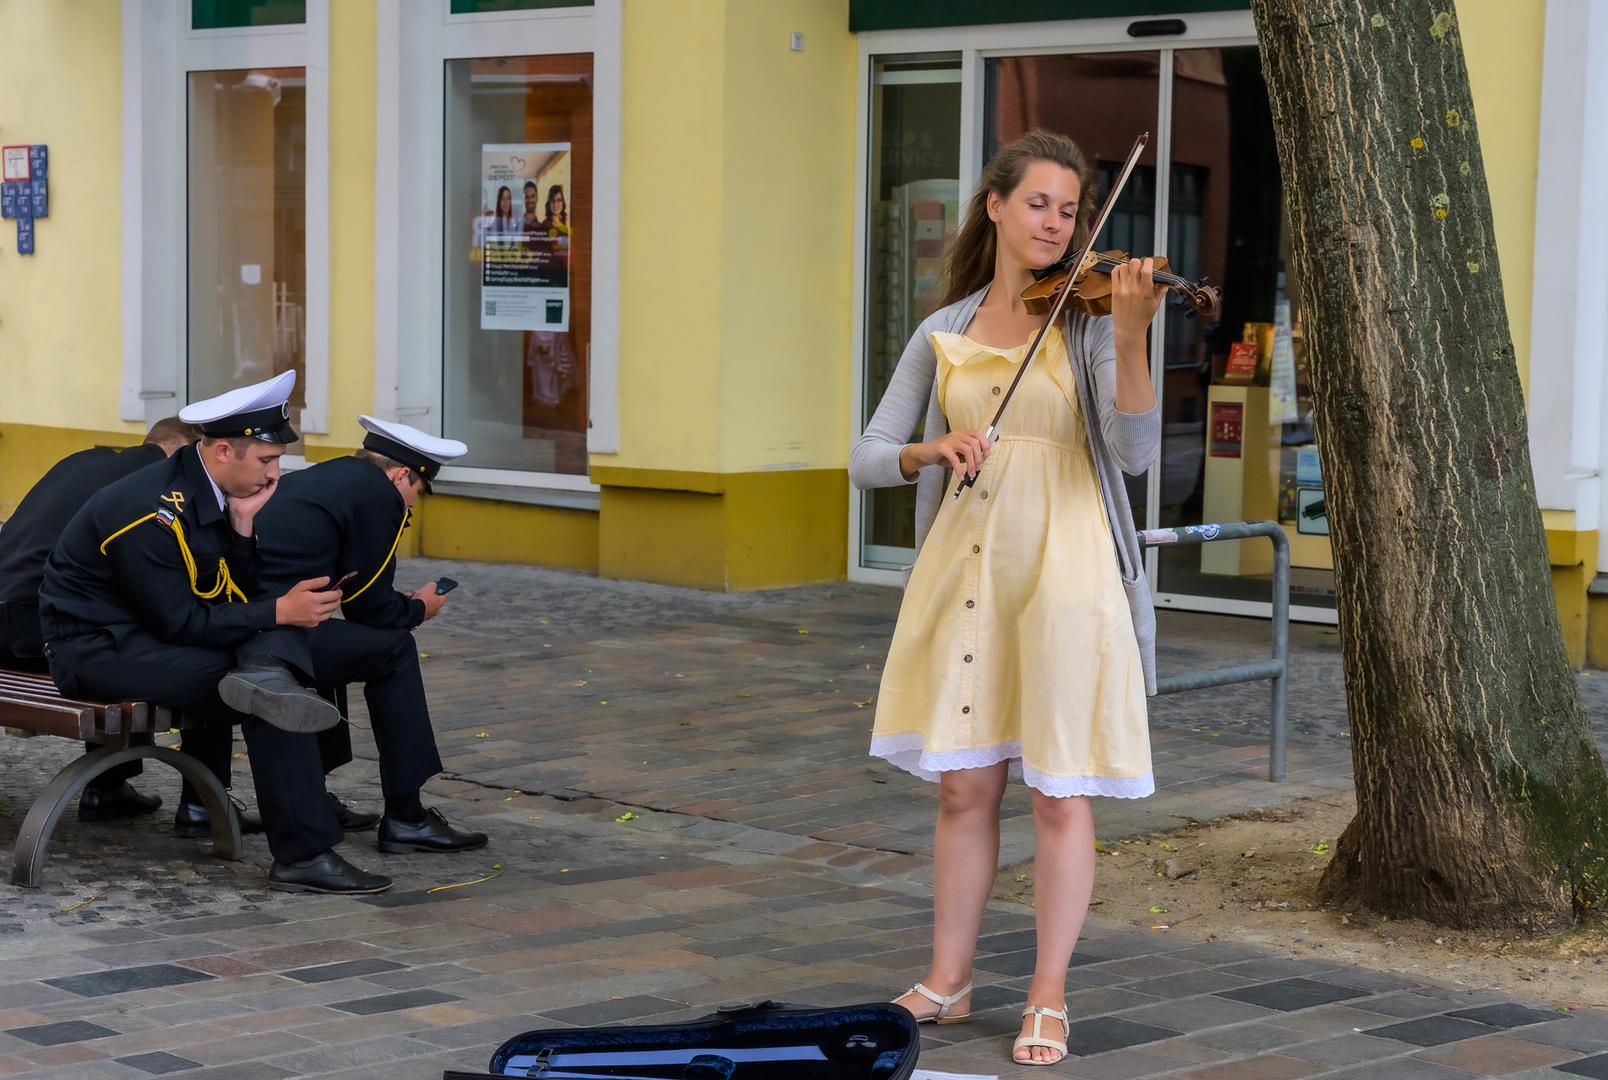 Straßen Musik